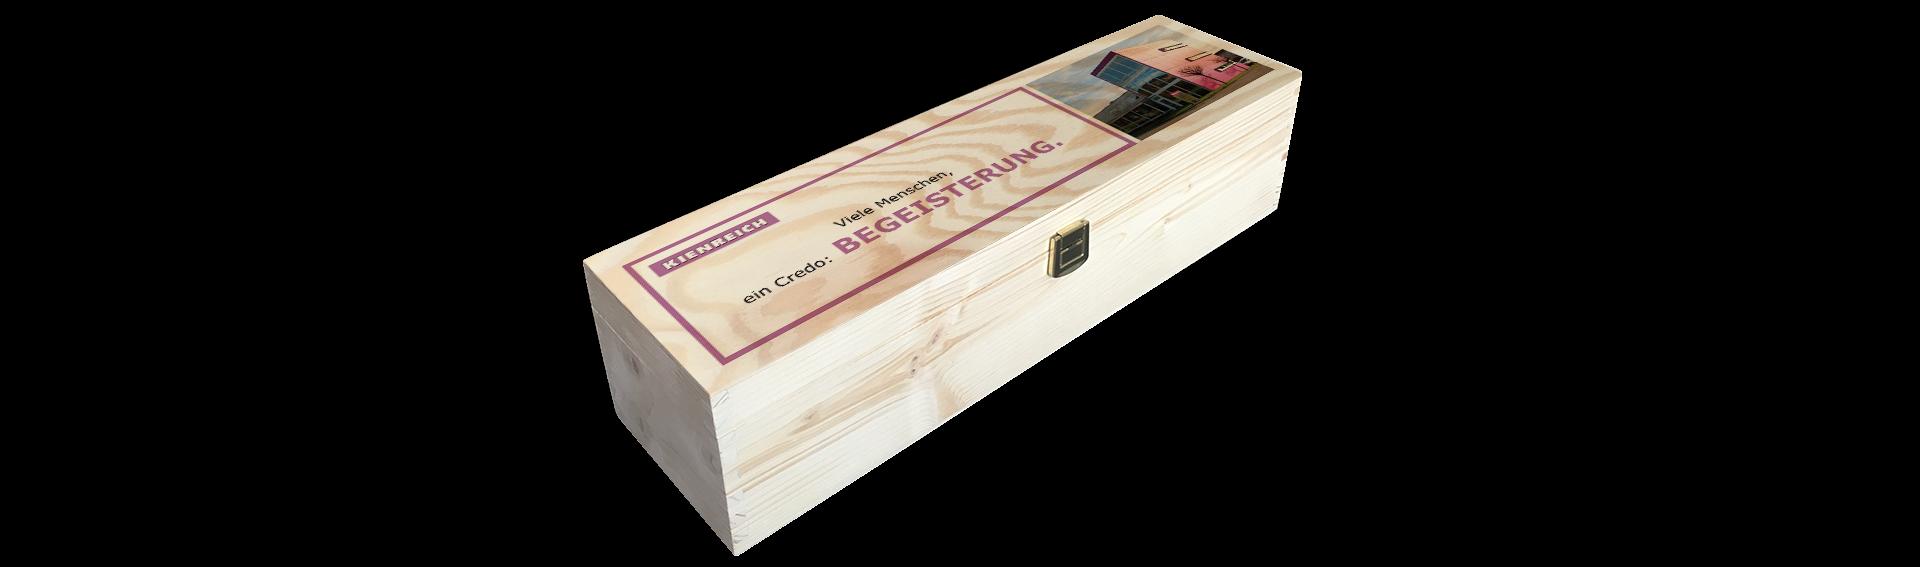 Kienreich | Holzkiste Weinkiste  bedruckt